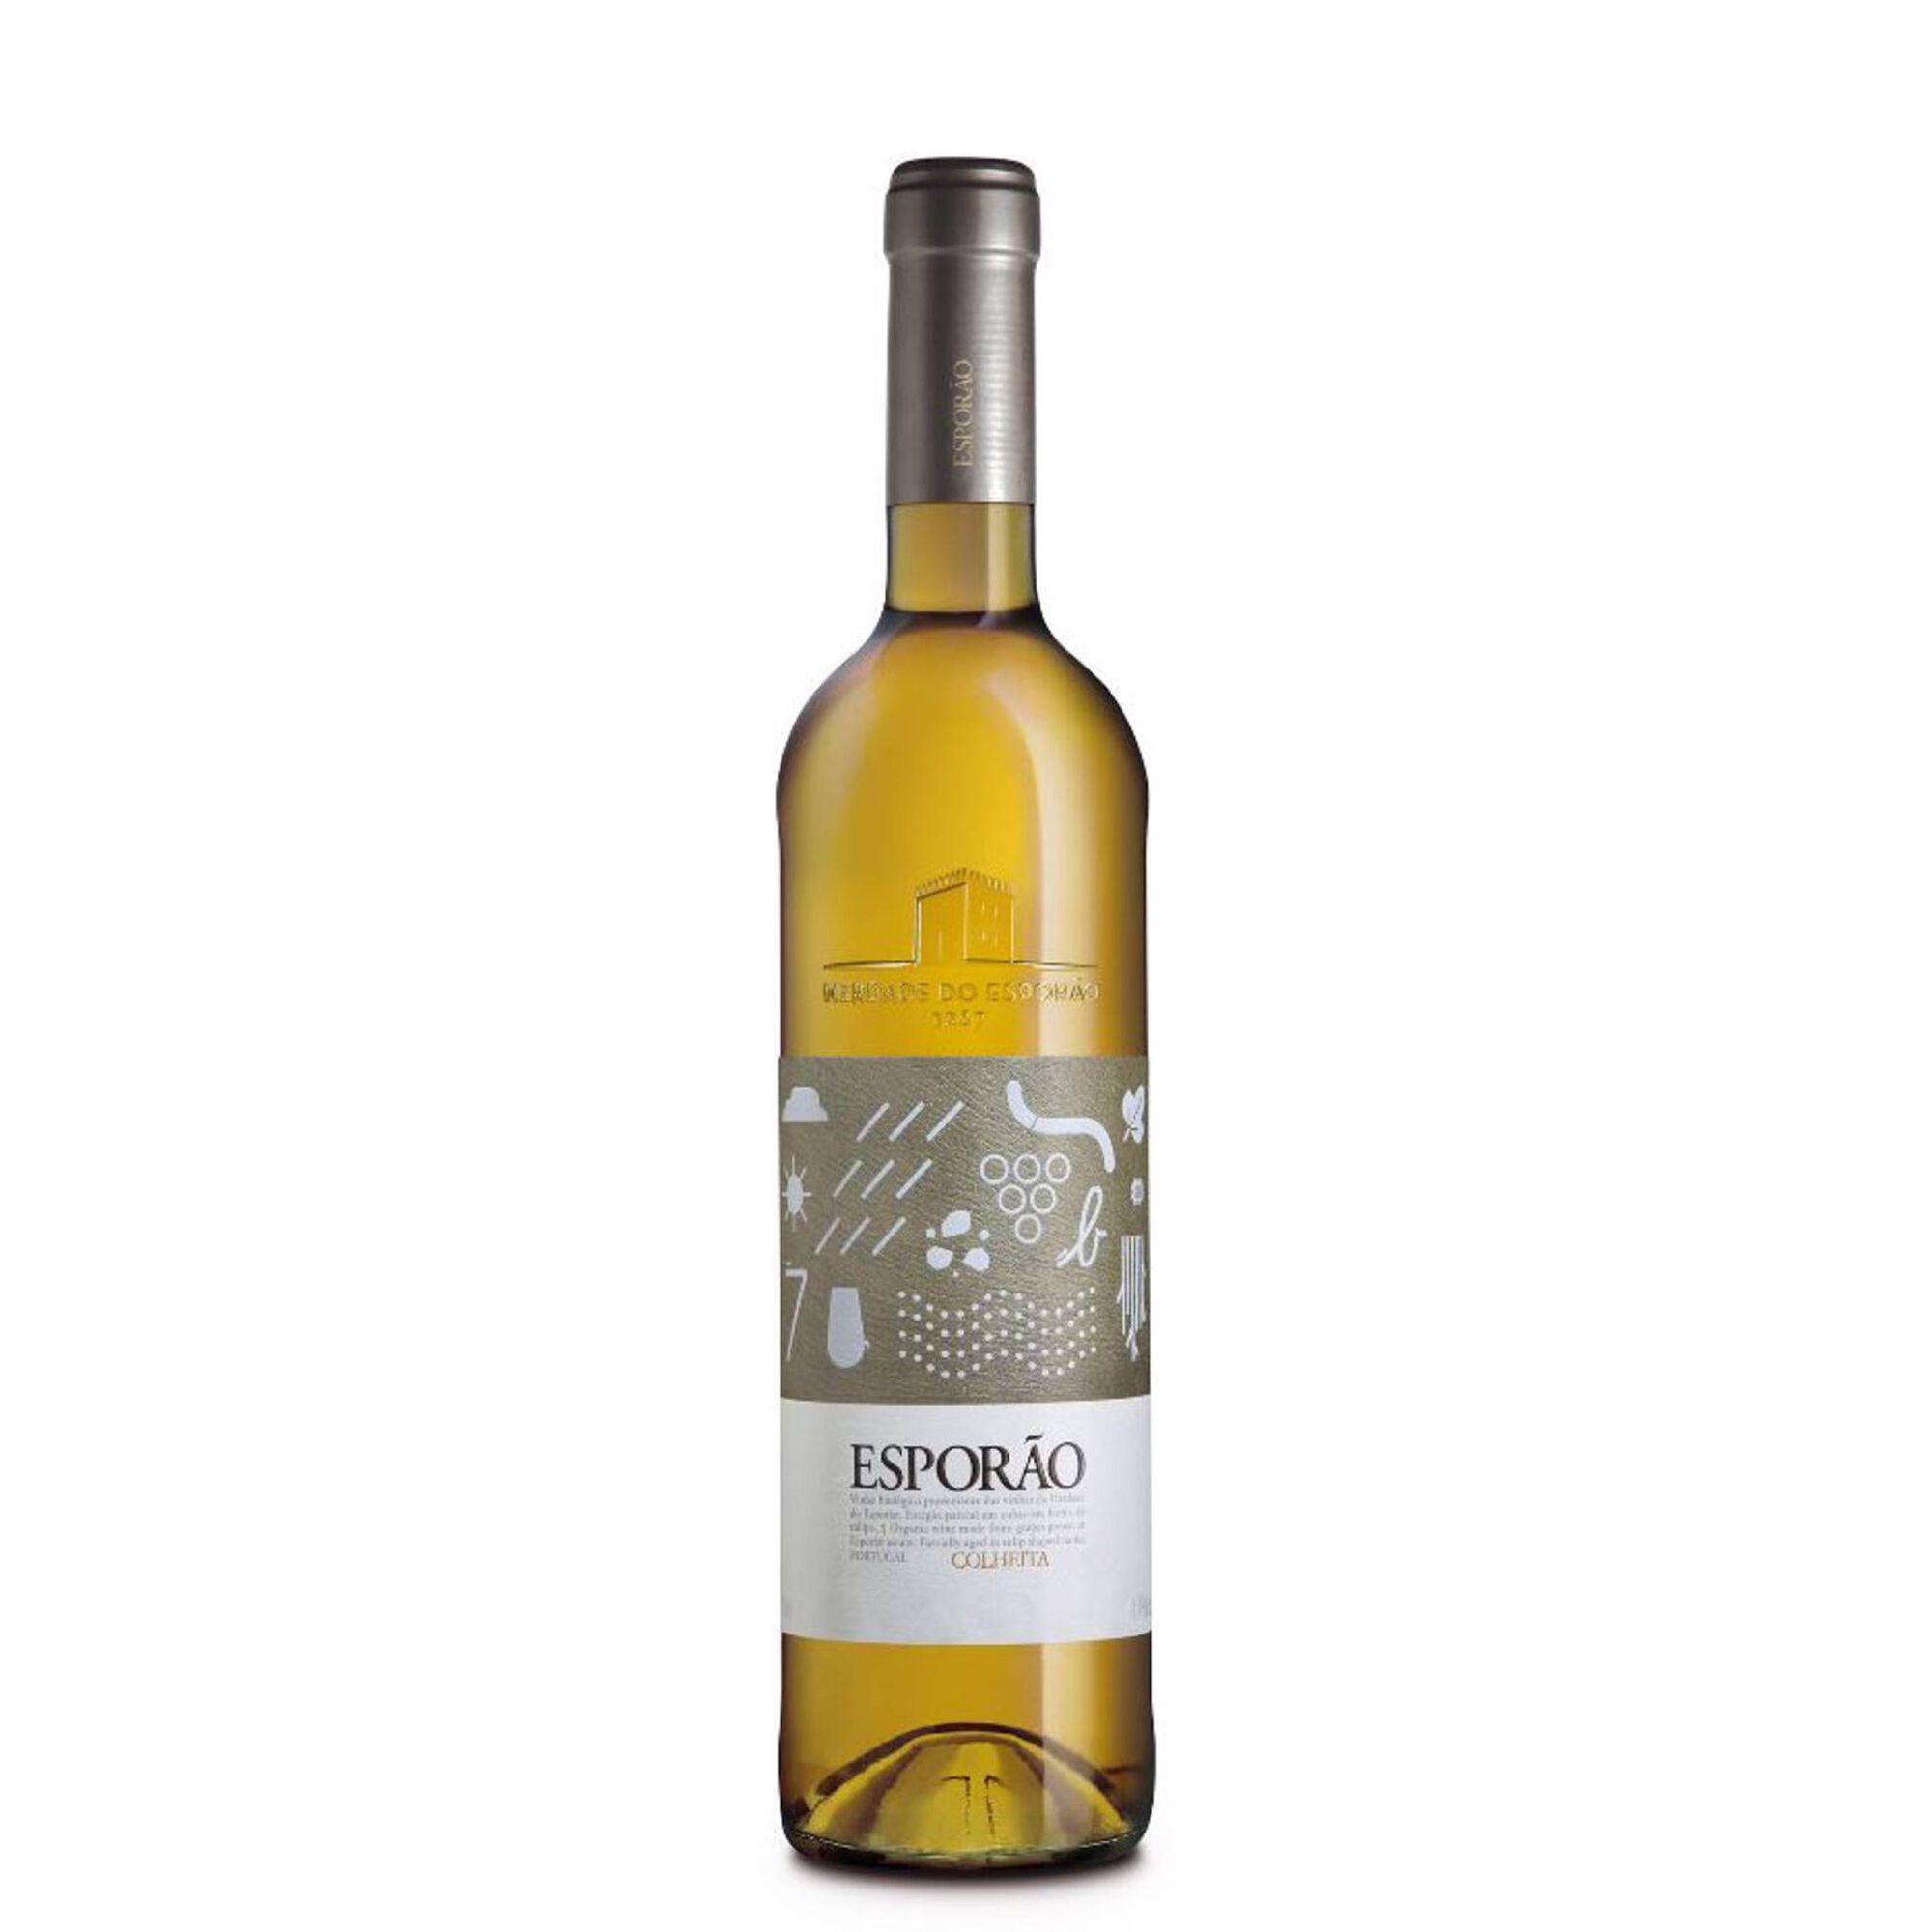 Esporão Colheita Regional Alentejano Vinho Branco